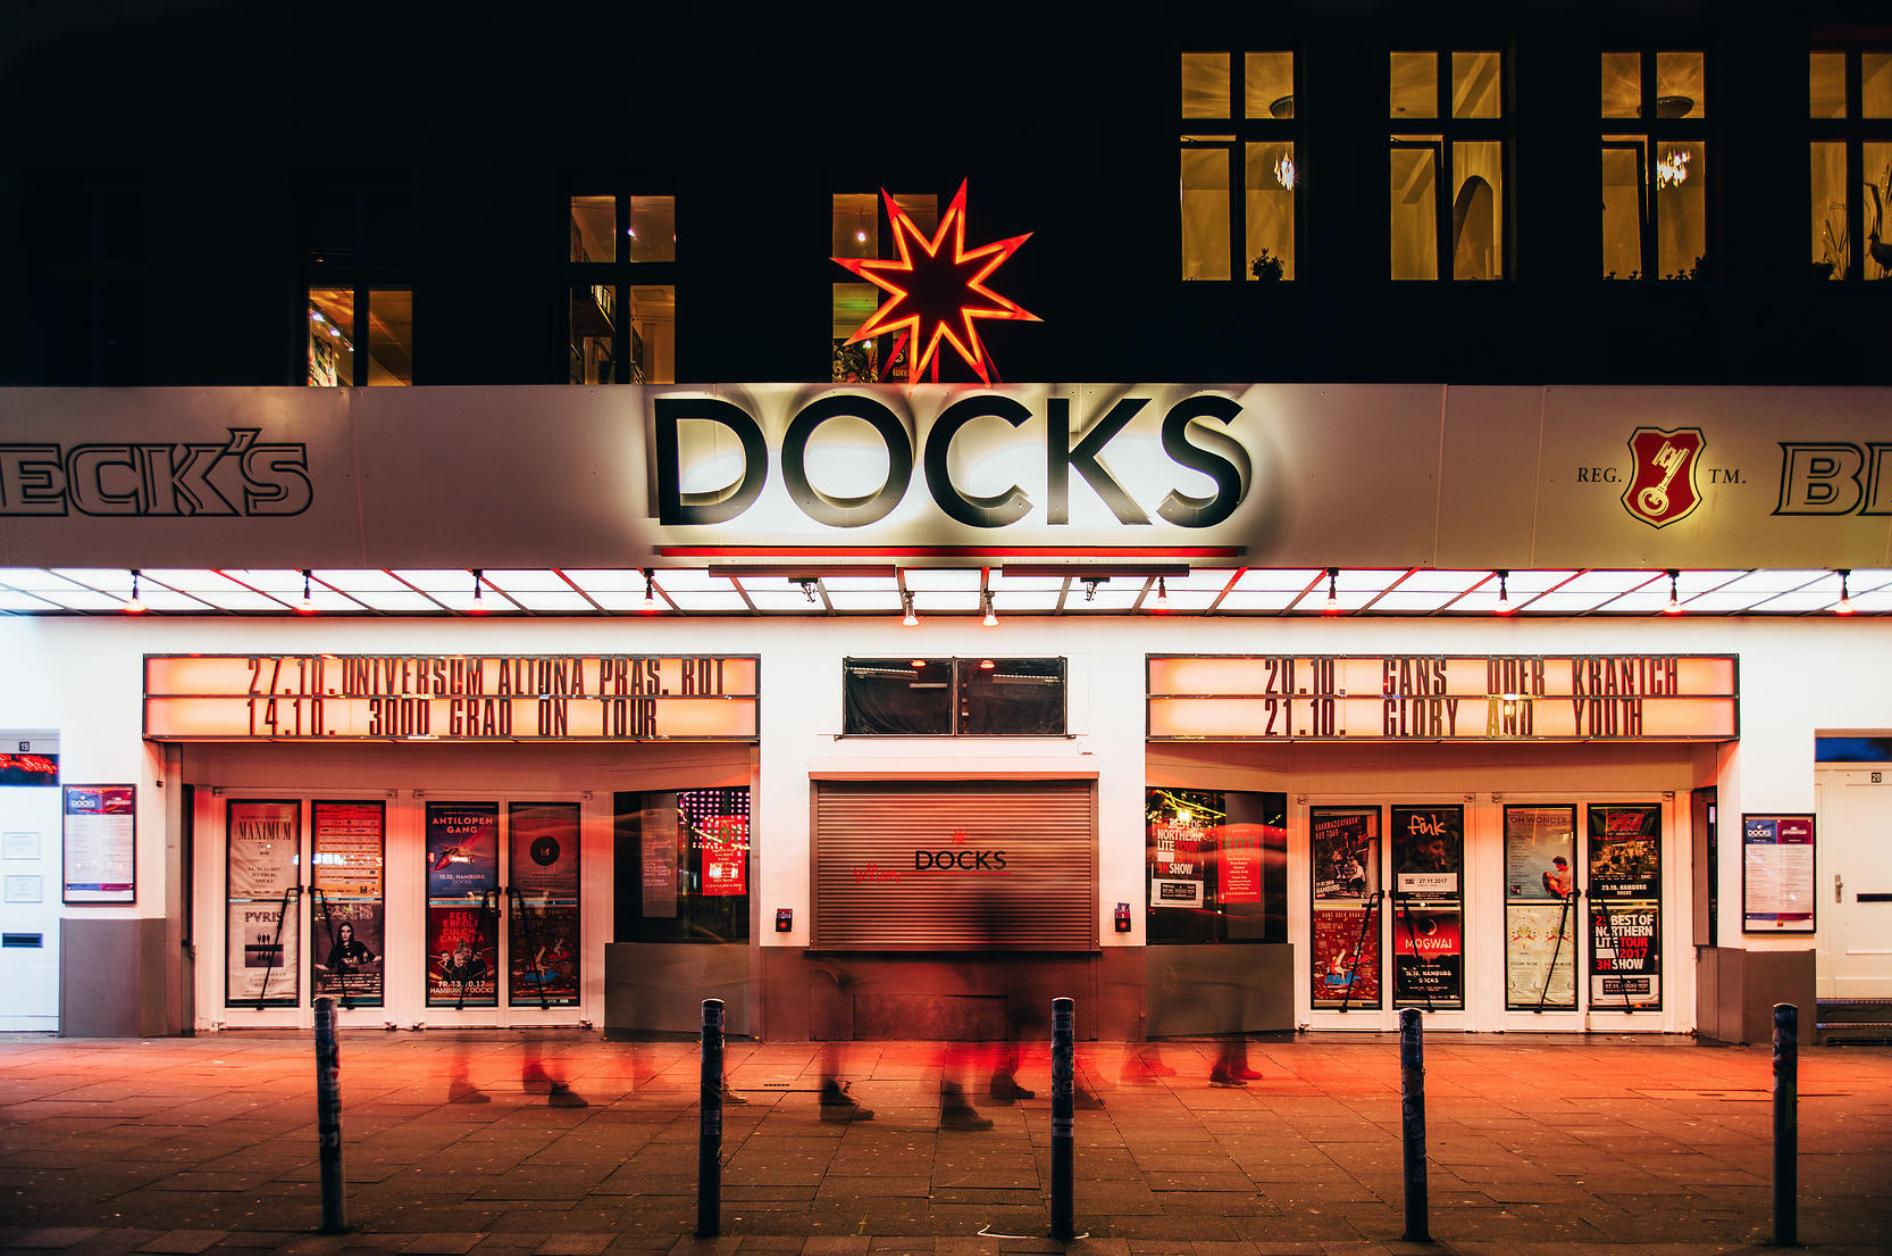 Das Docks hat sich etwas Neues überlegt. Genieße dein Wochenende – mit Abstand!